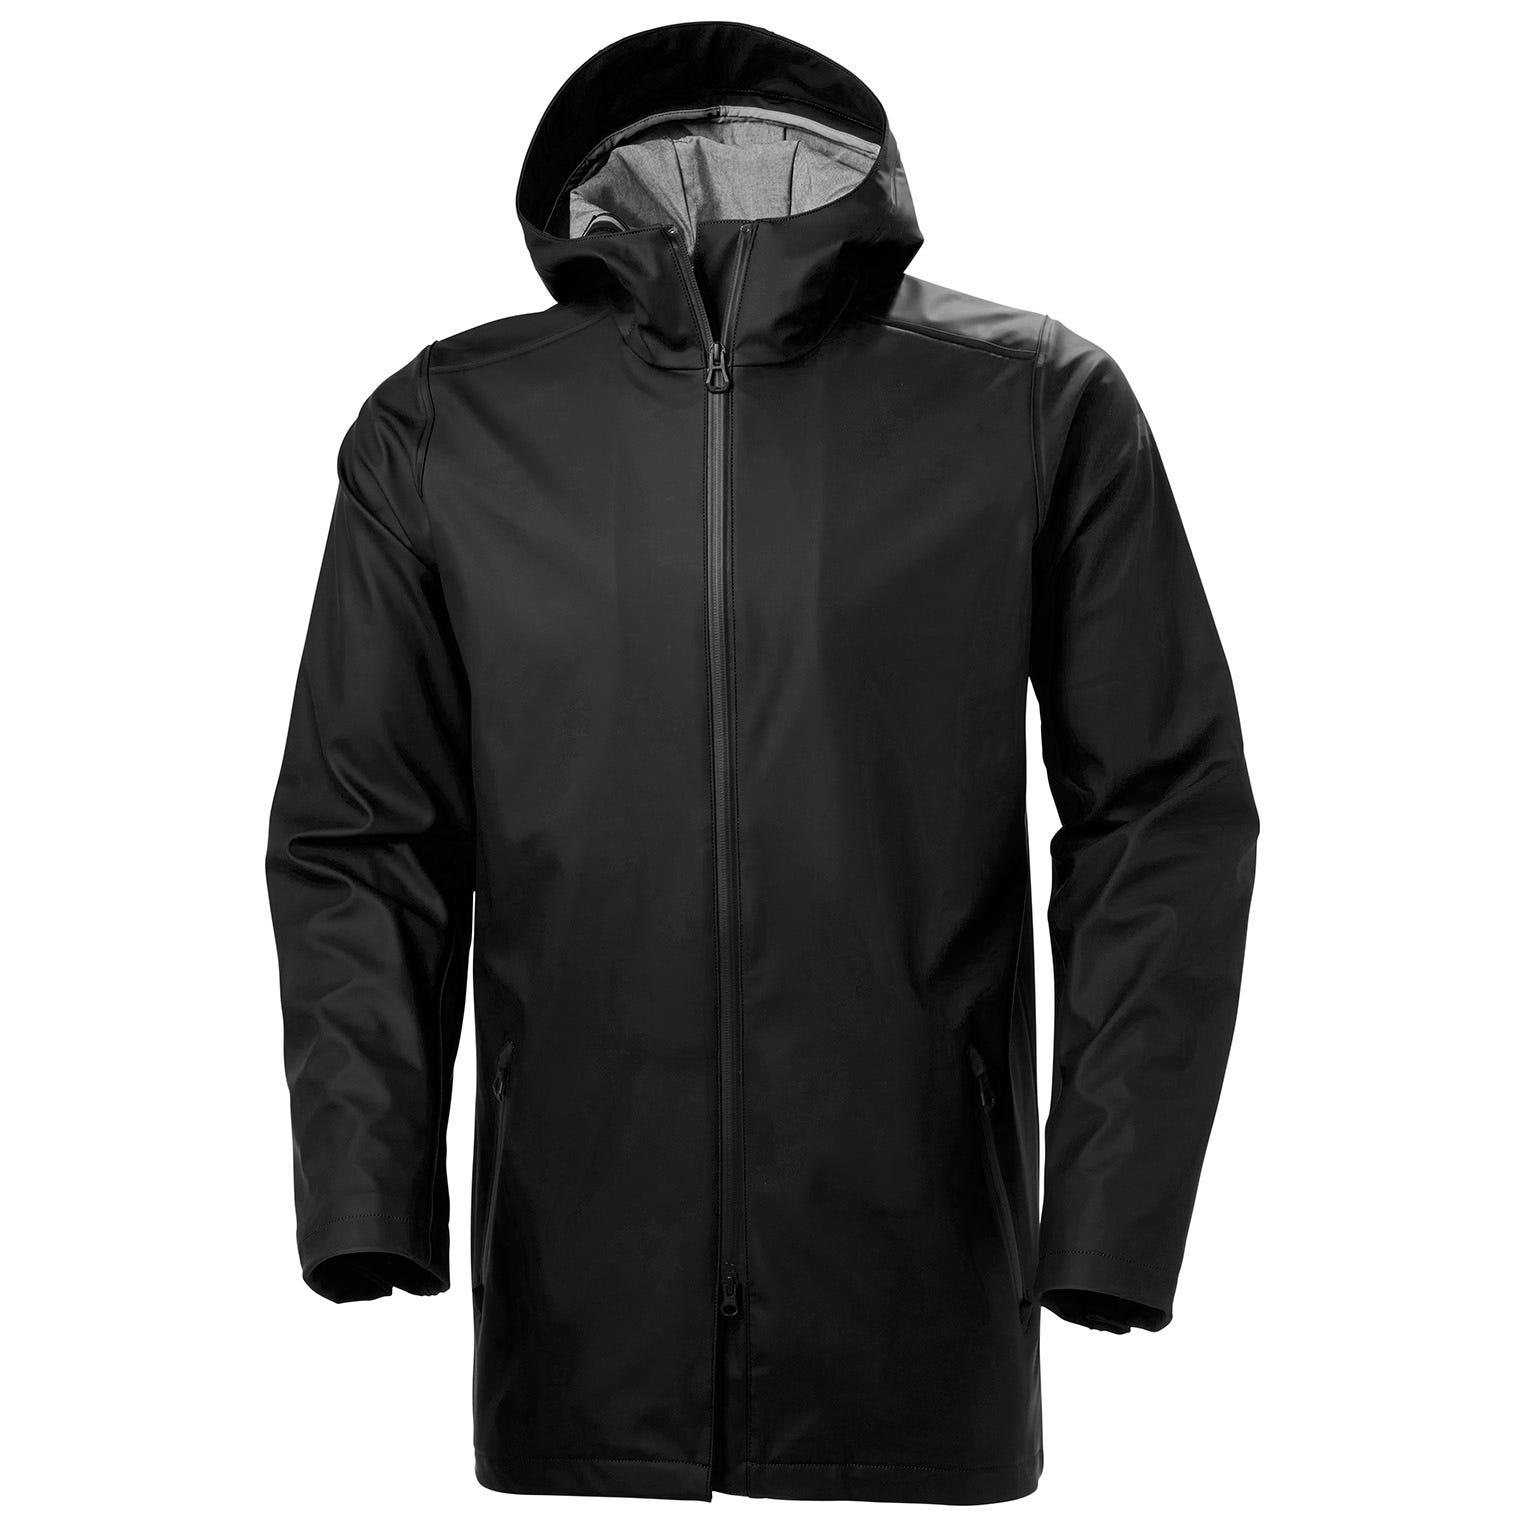 Helly Hansen Copenhagen Raincoat Mens Parka Black XL